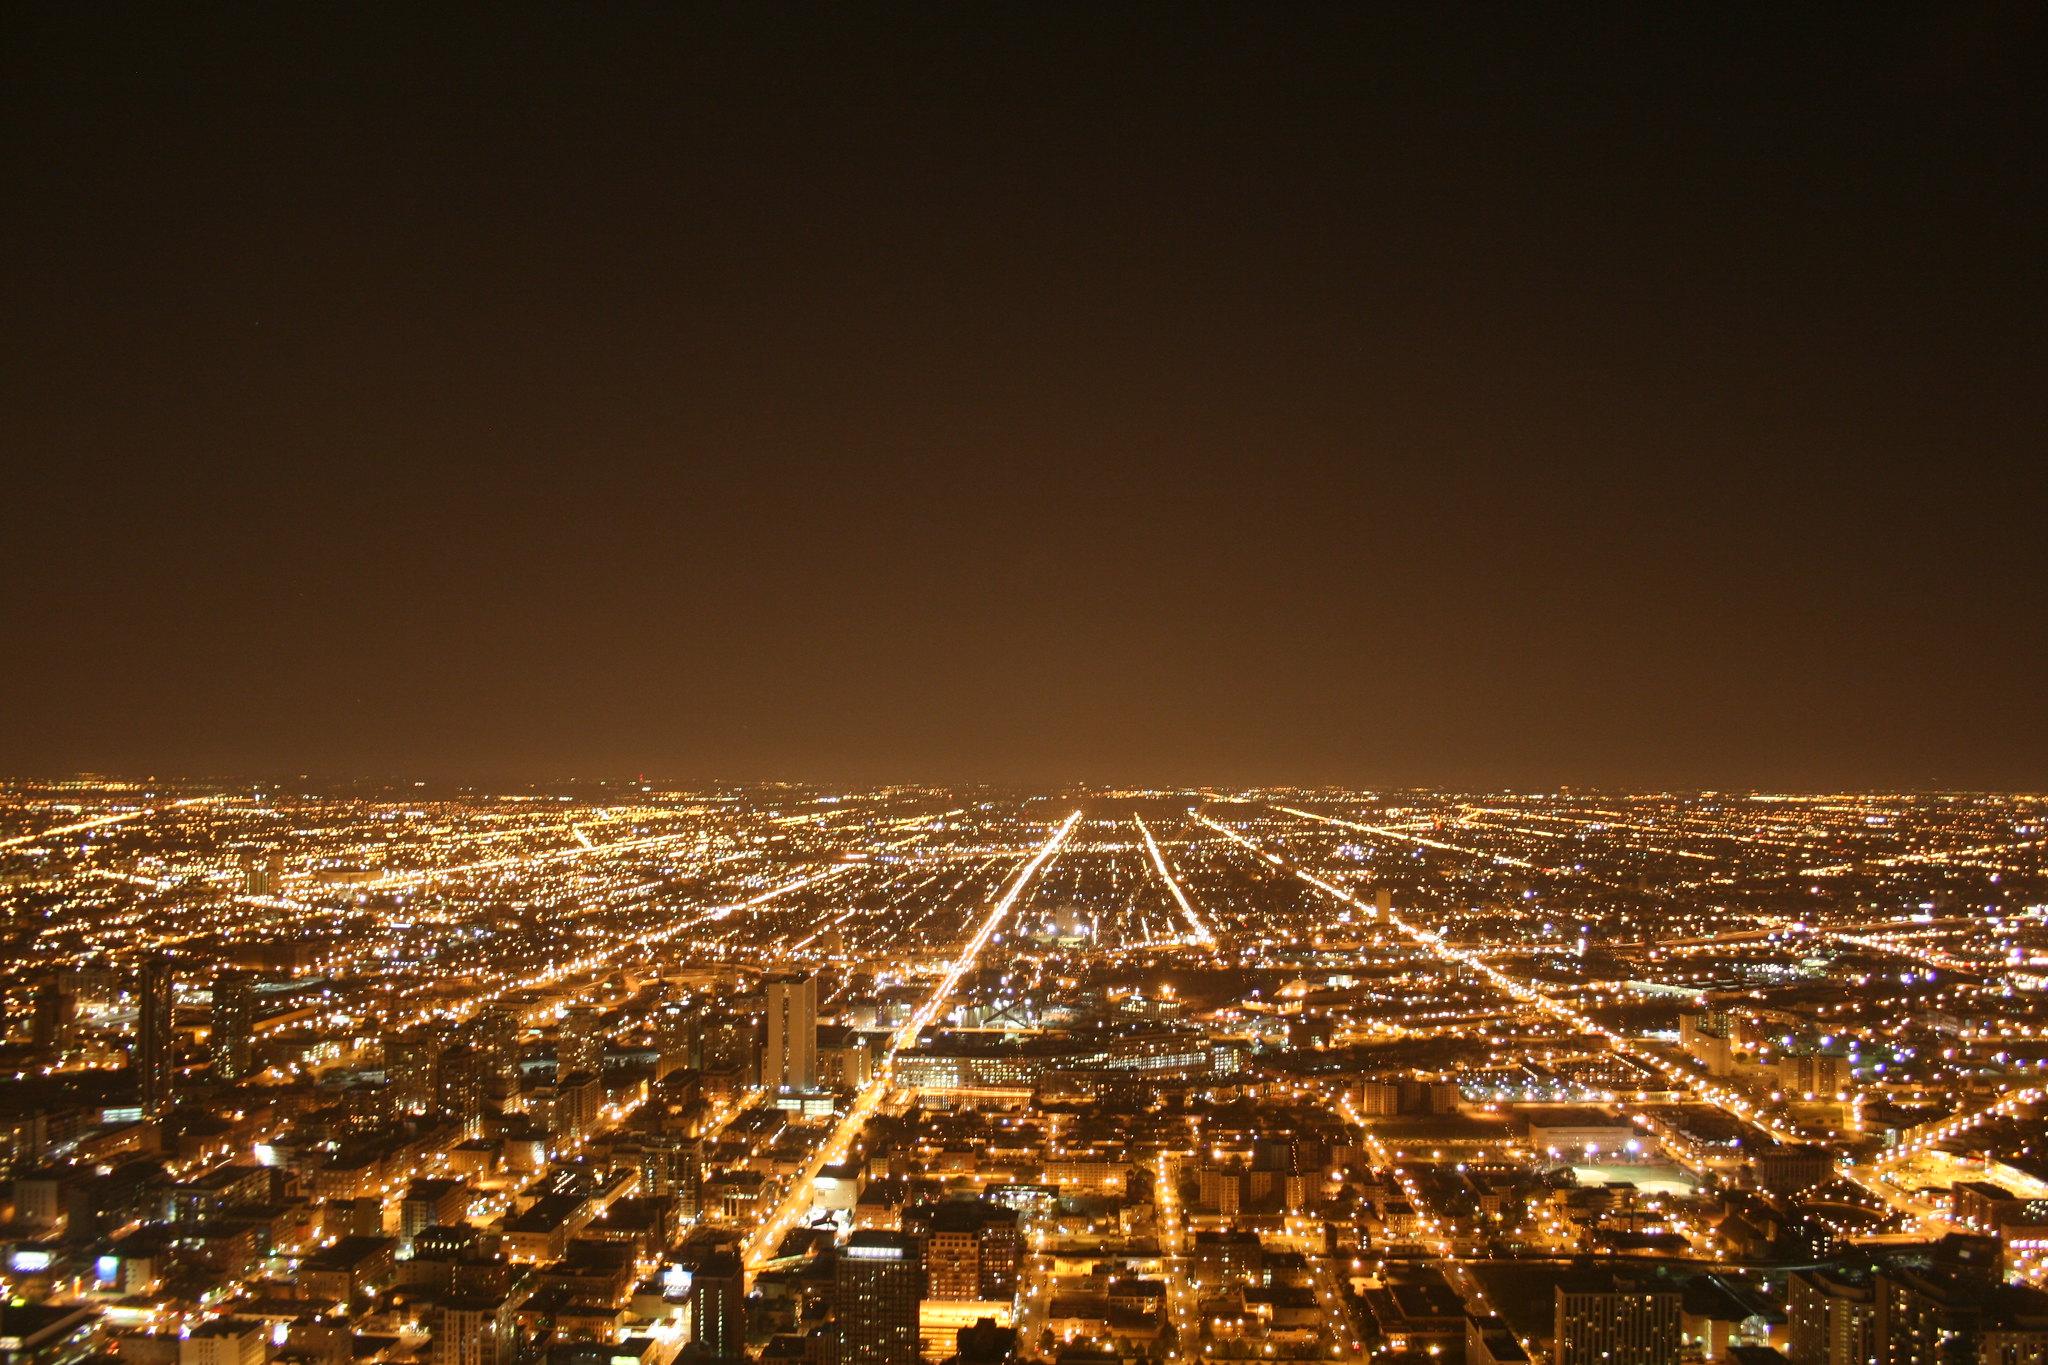 foto, nacht, stad